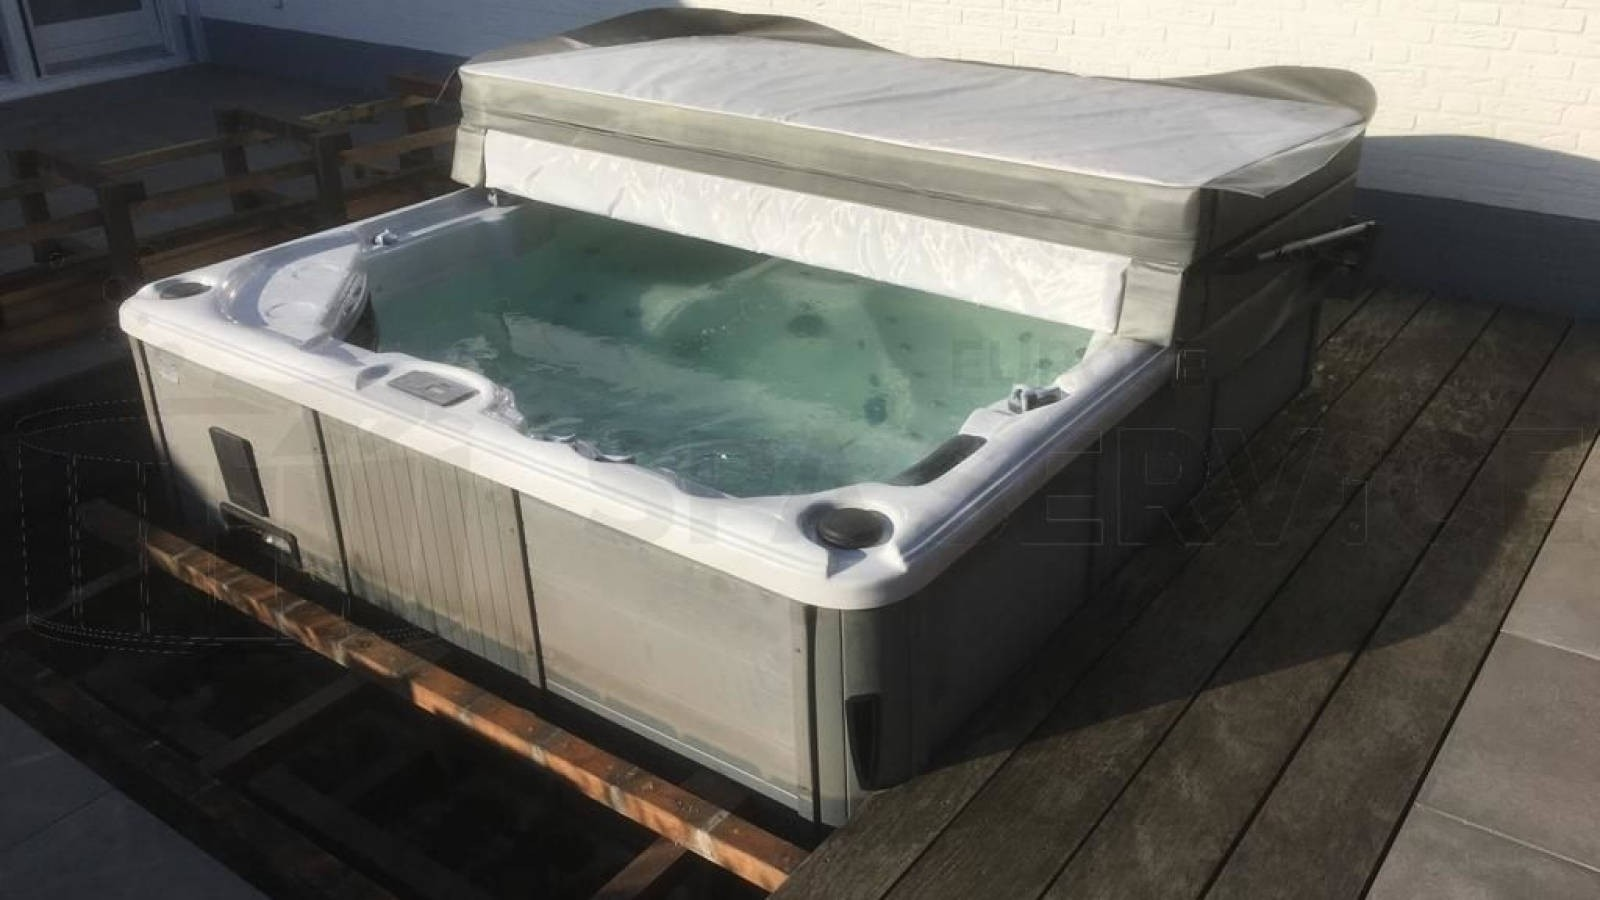 Jetpomp vervangen van een Sunspa spa in Eindhoven